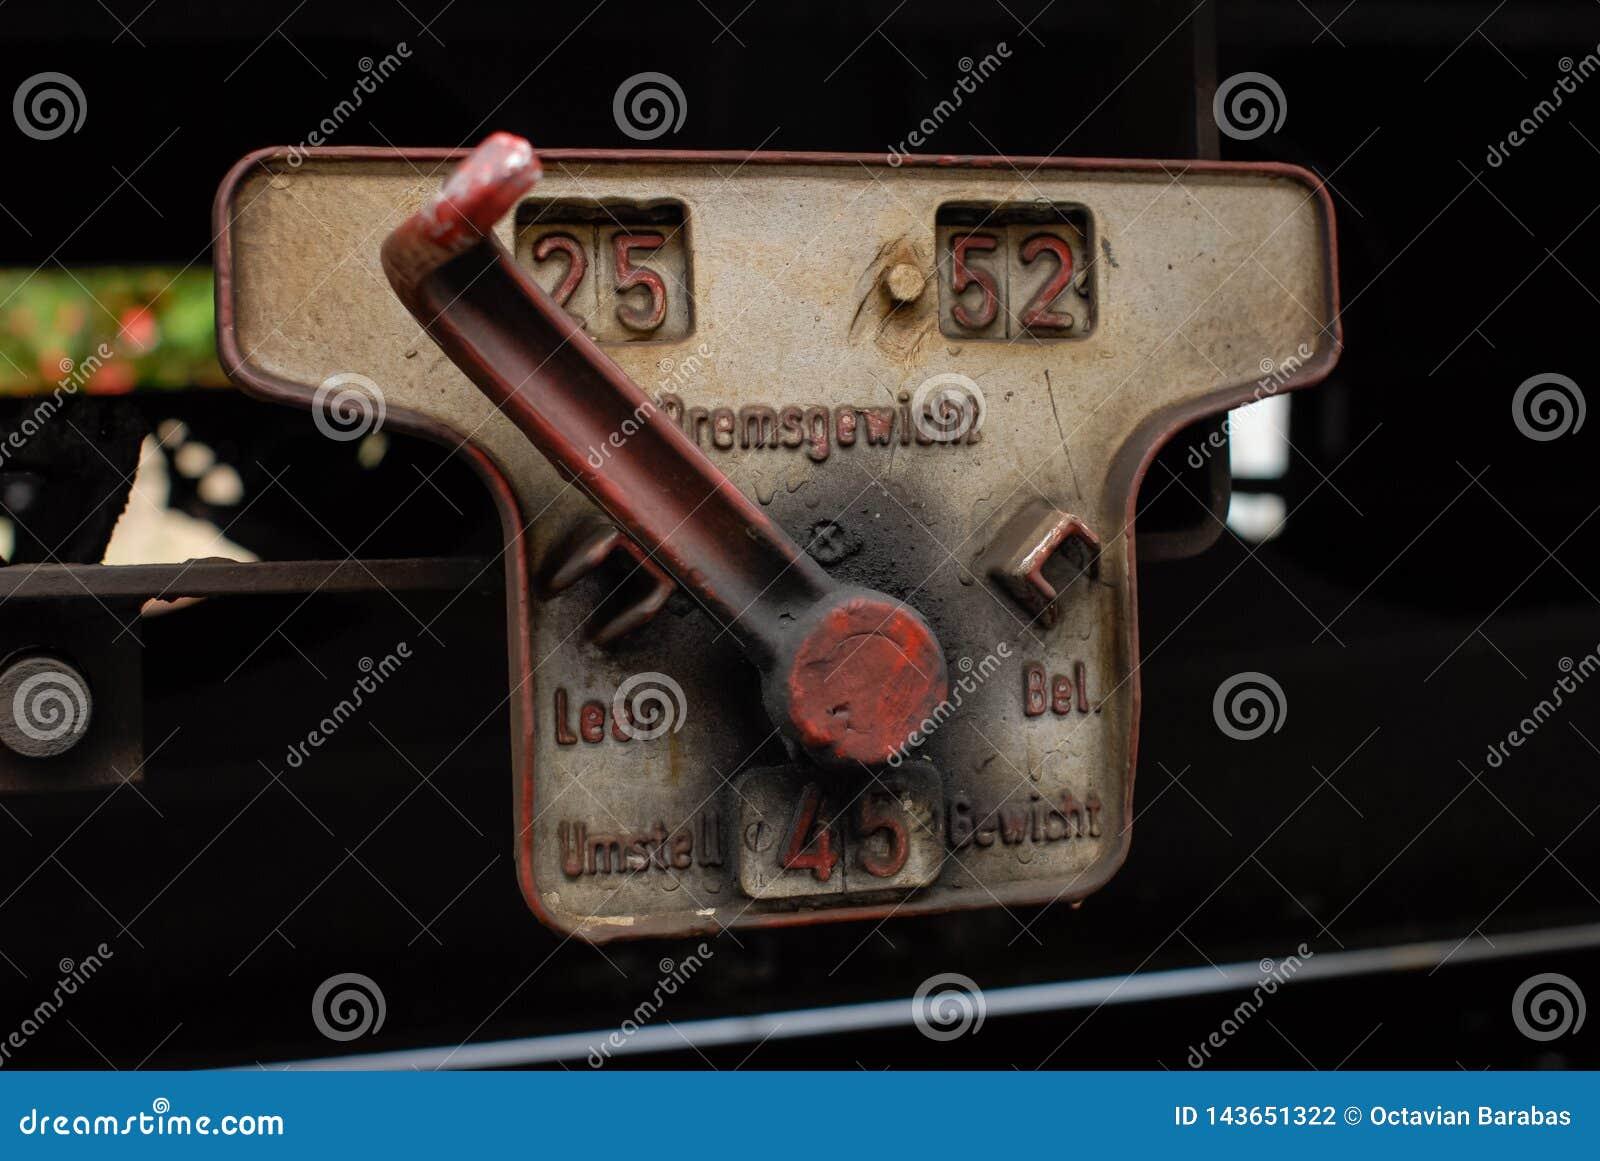 Pneumatisk eller hydraulisk röd för strömbrytare drevvagn på